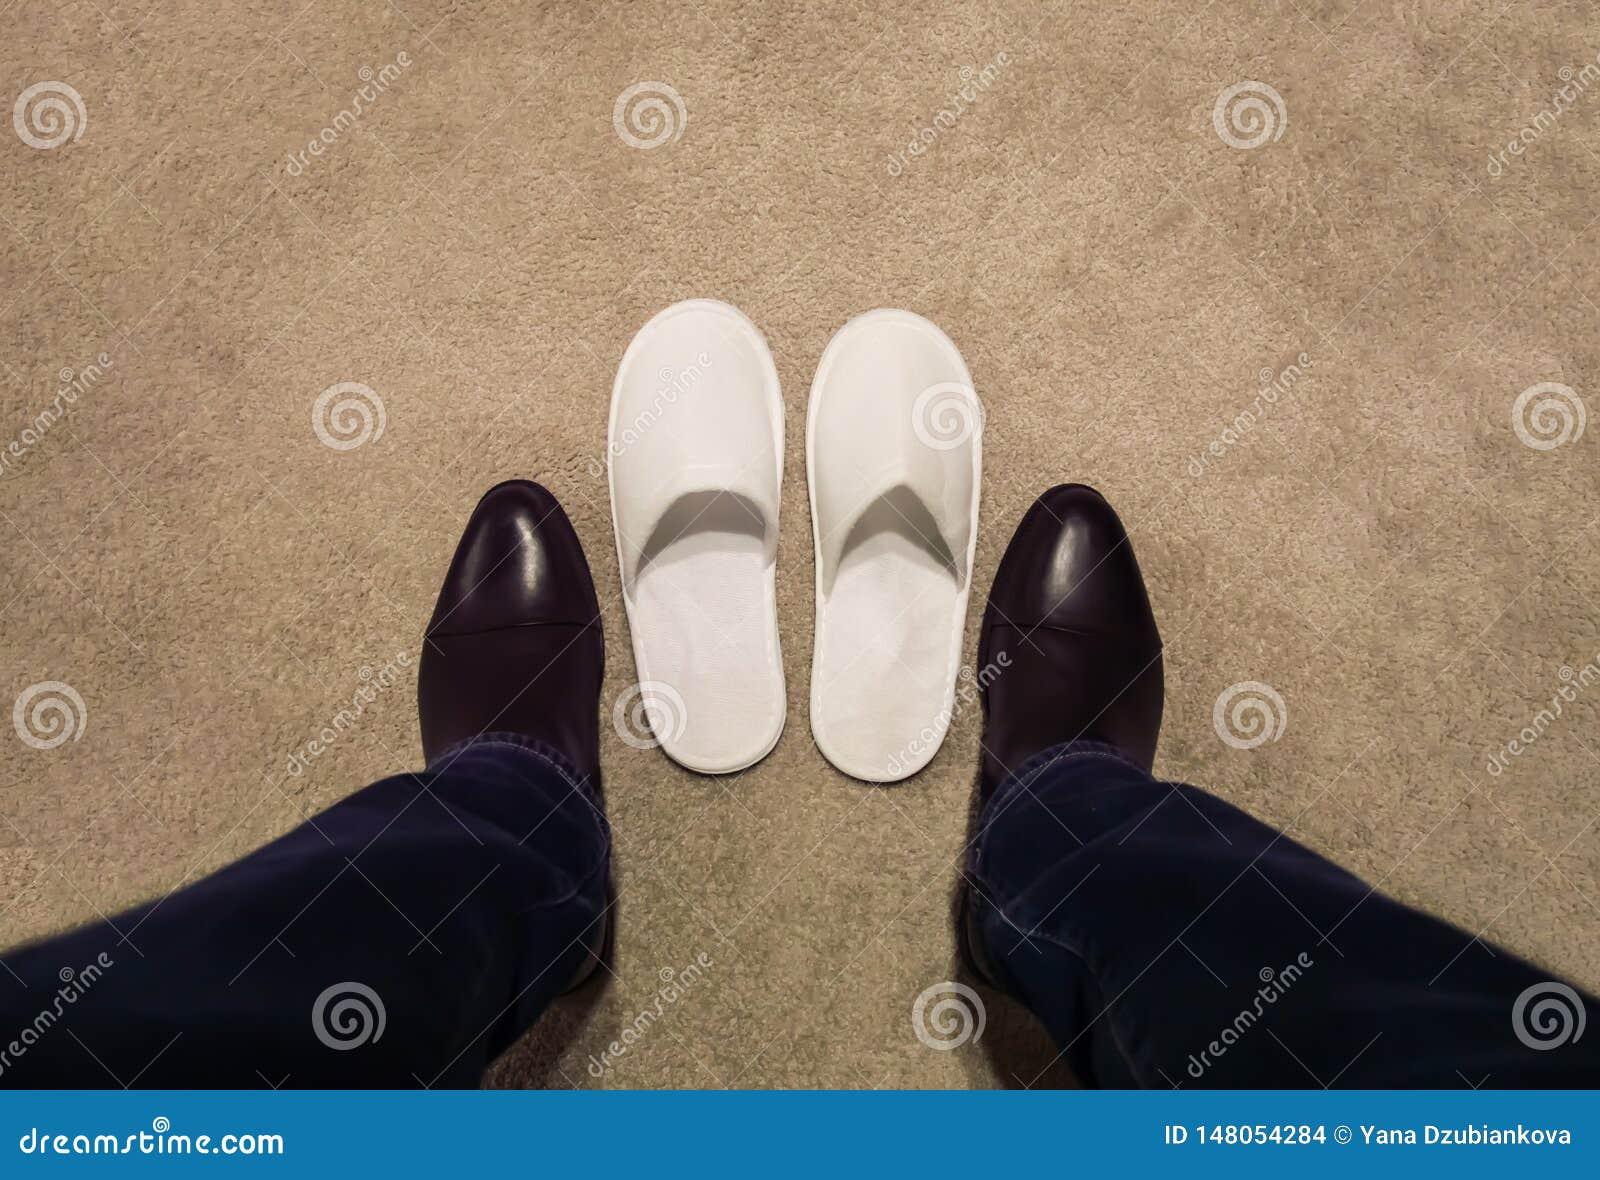 Een mens verandert zijn schoenen, opstijgt zijn schoenen, draagt hij witte pantoffels